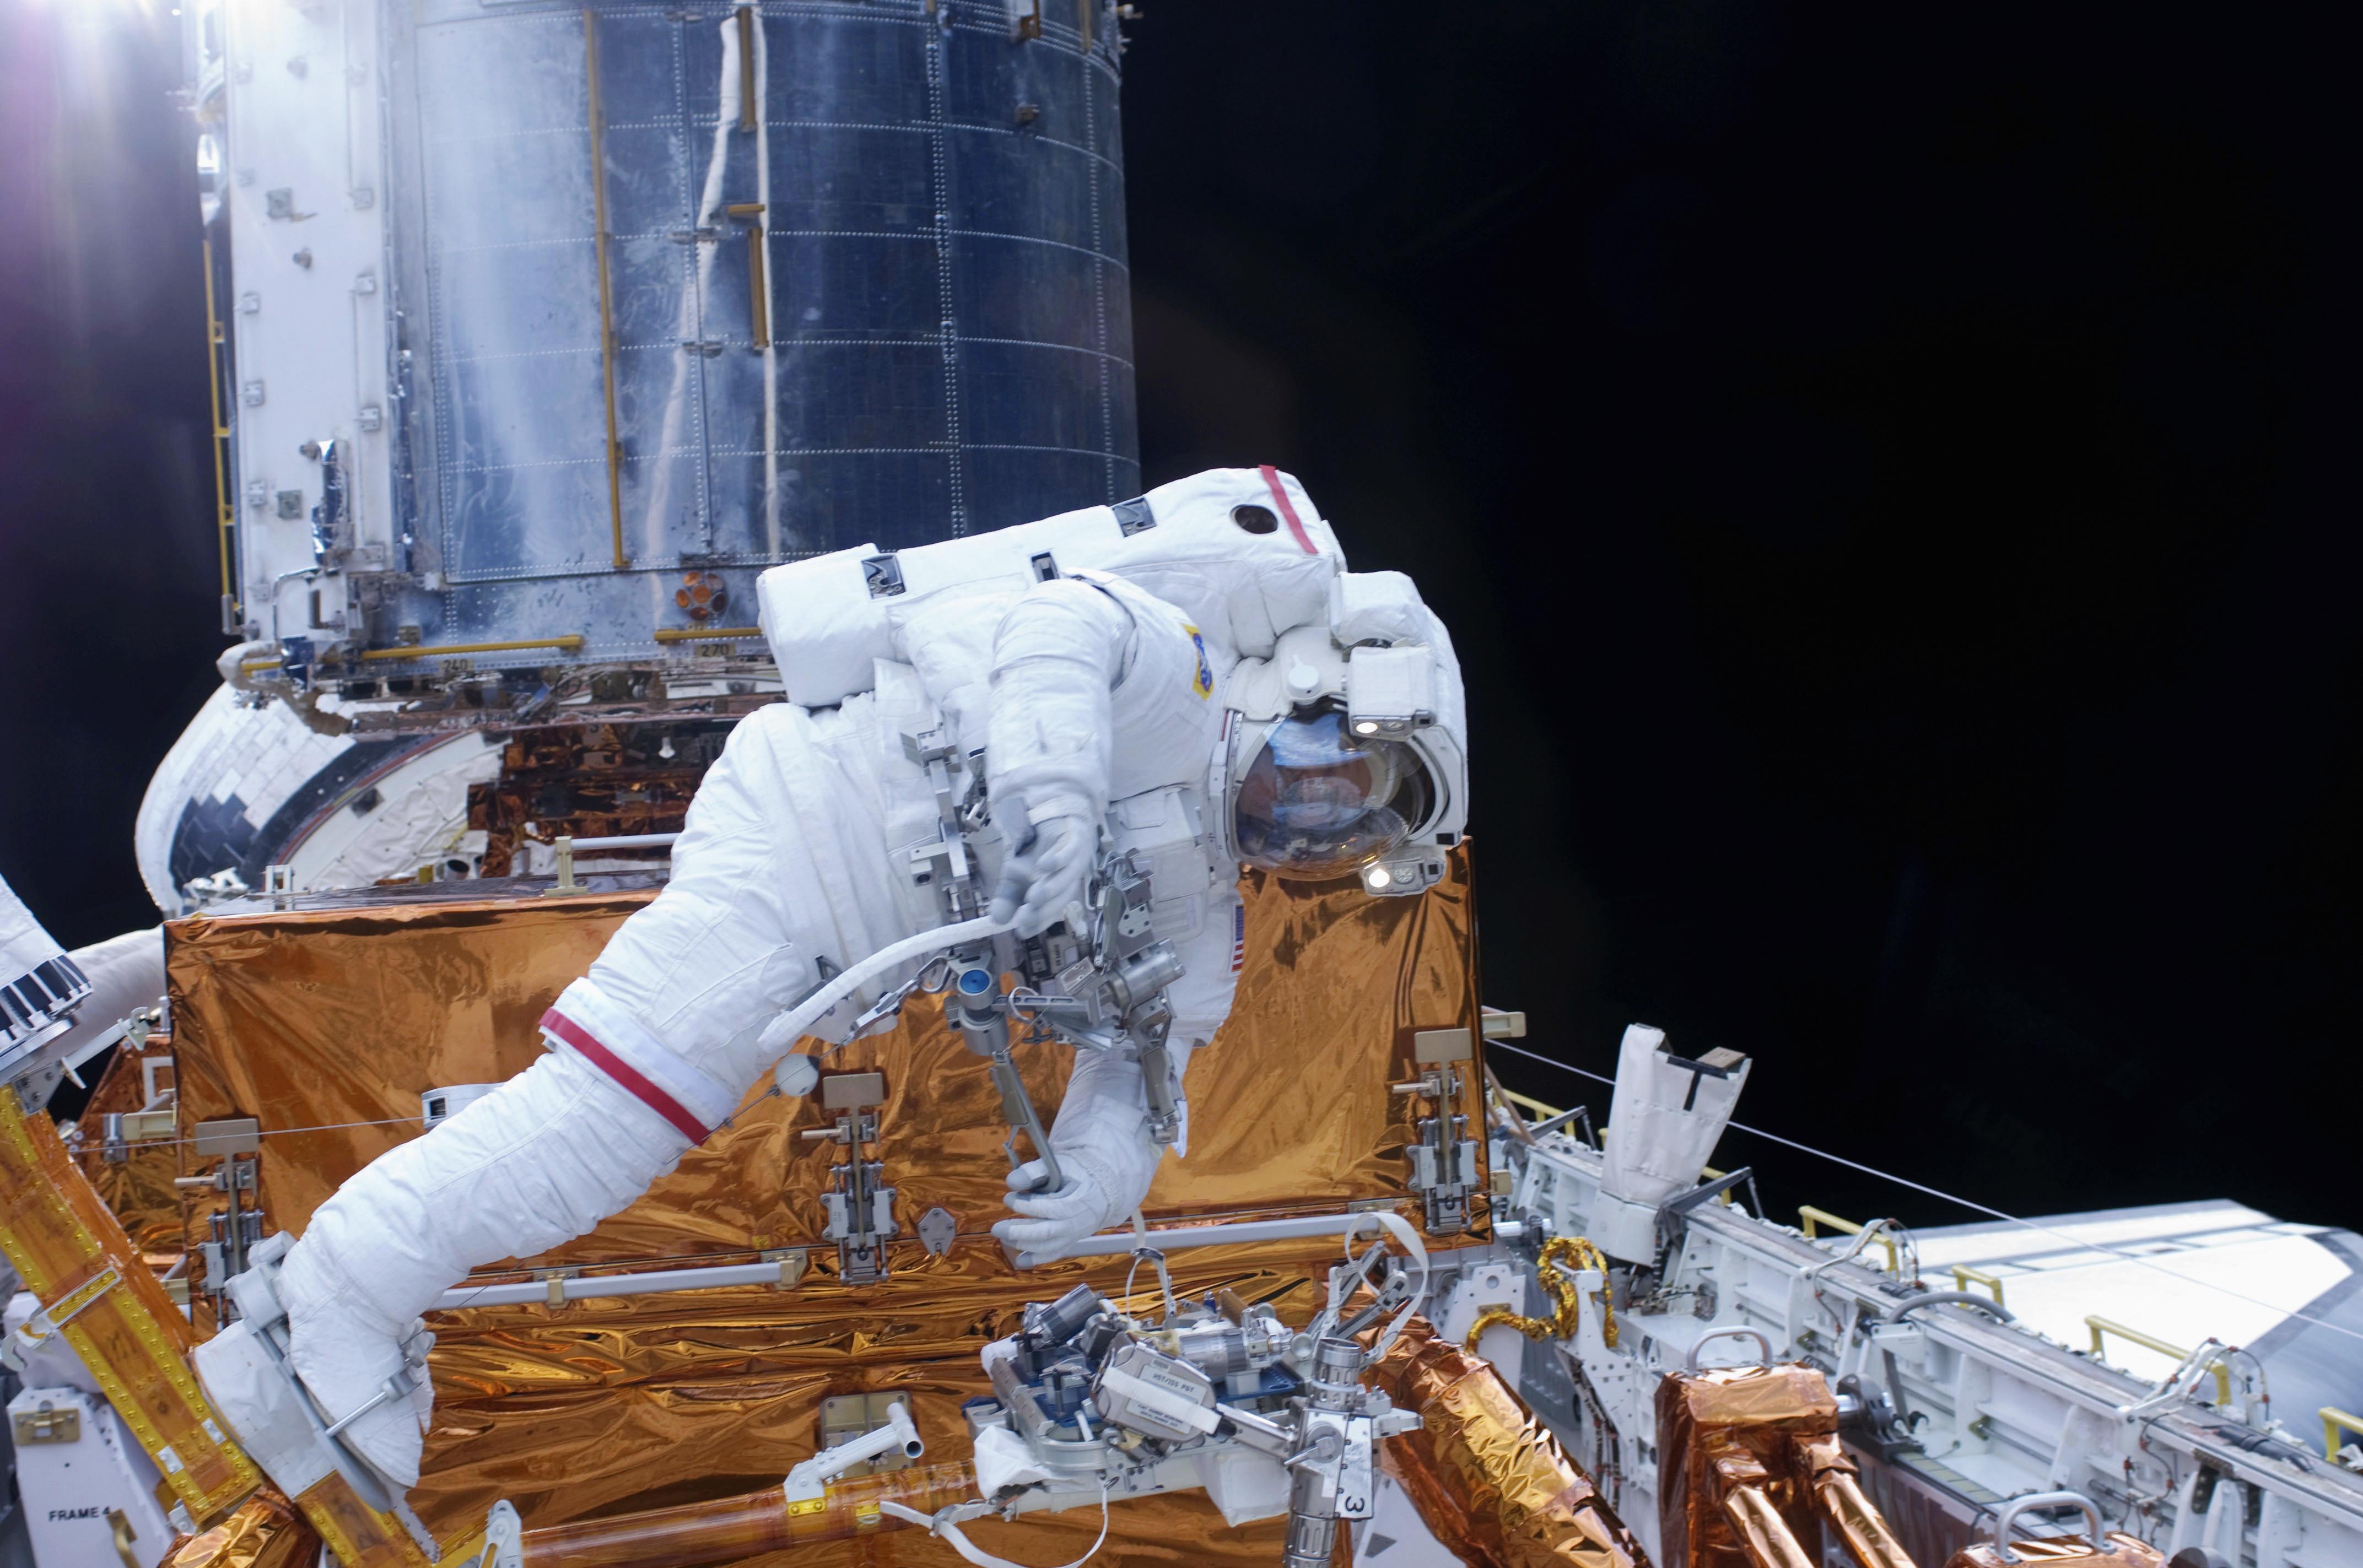 Astronaut undertakes renovation work on the hubble telescope